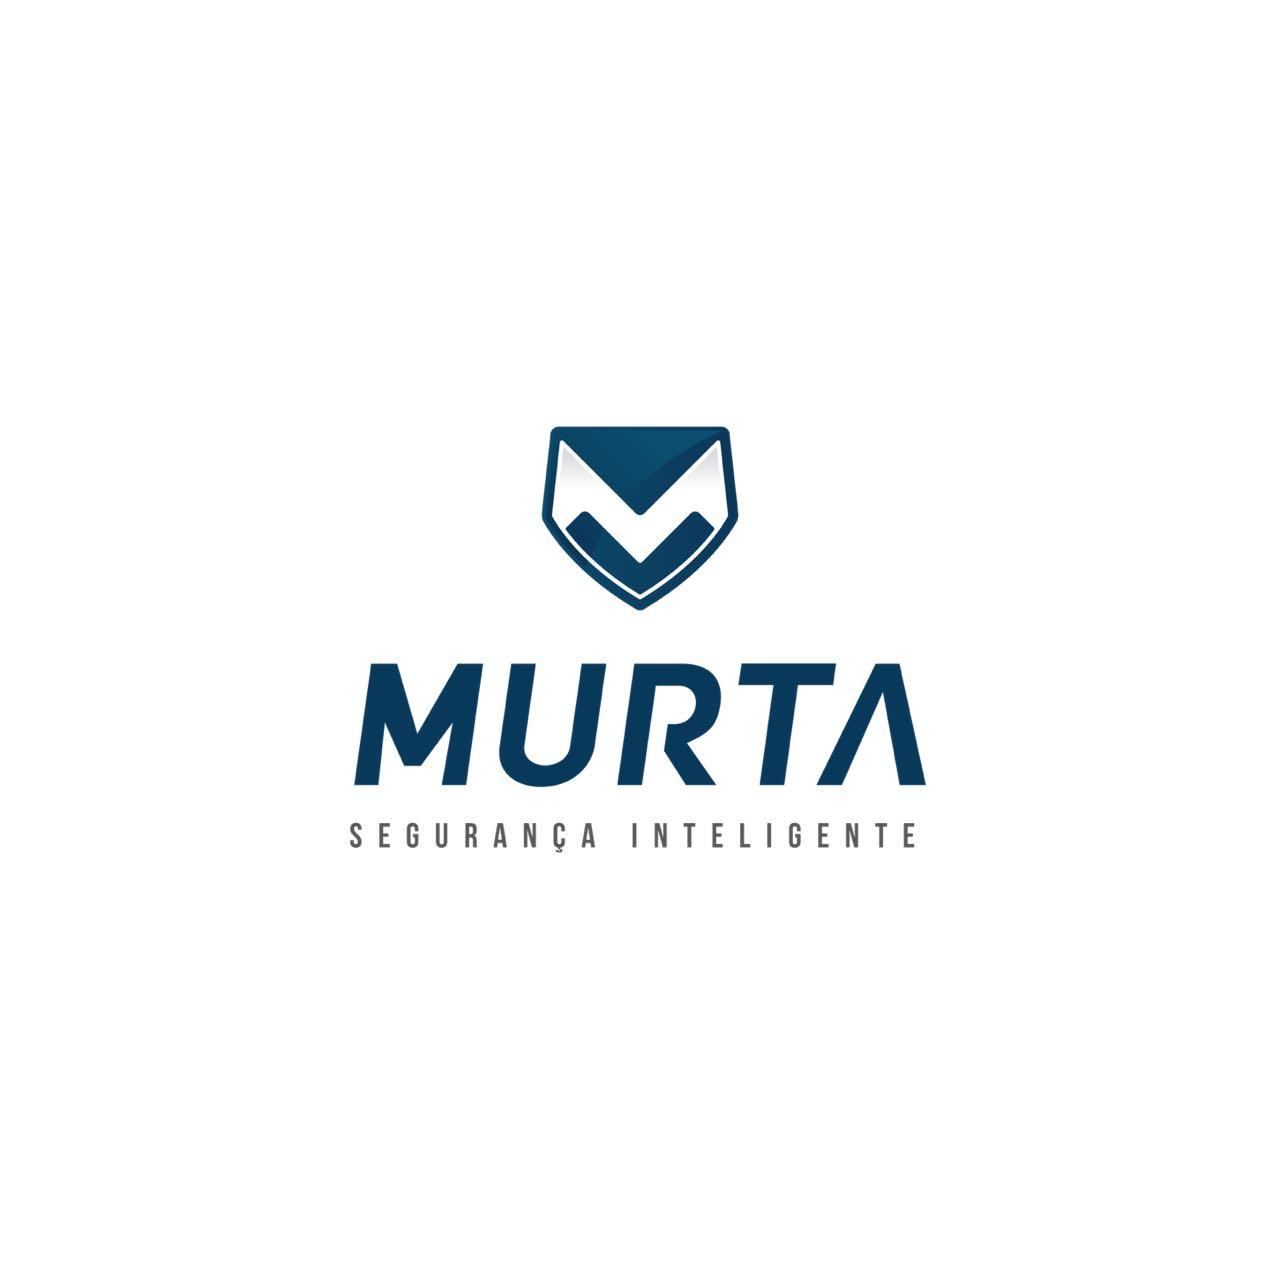 Murta